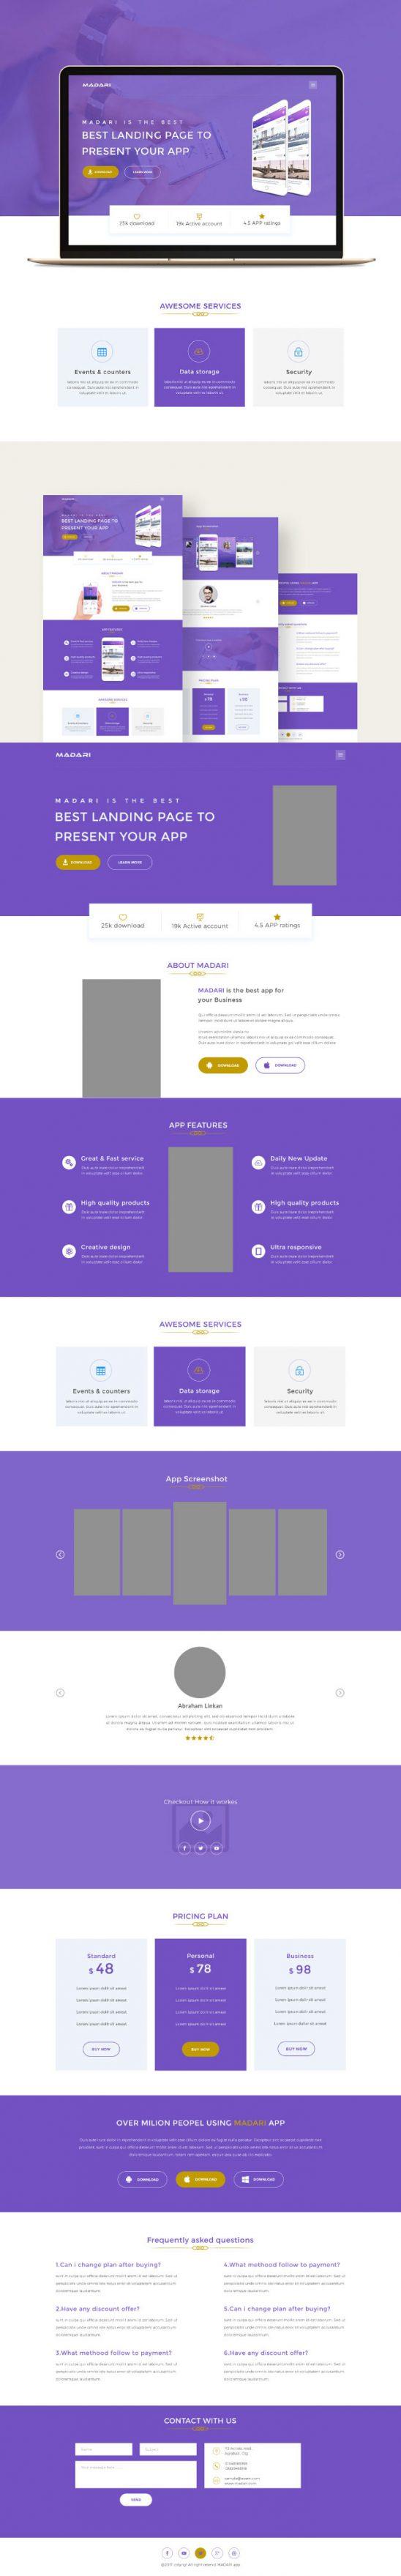 p434 548x3518 - طرح آماده رایگان سایت خدمات شرکت تجاری بازرگانی وب نرم افزارهای اندرویدی و ios